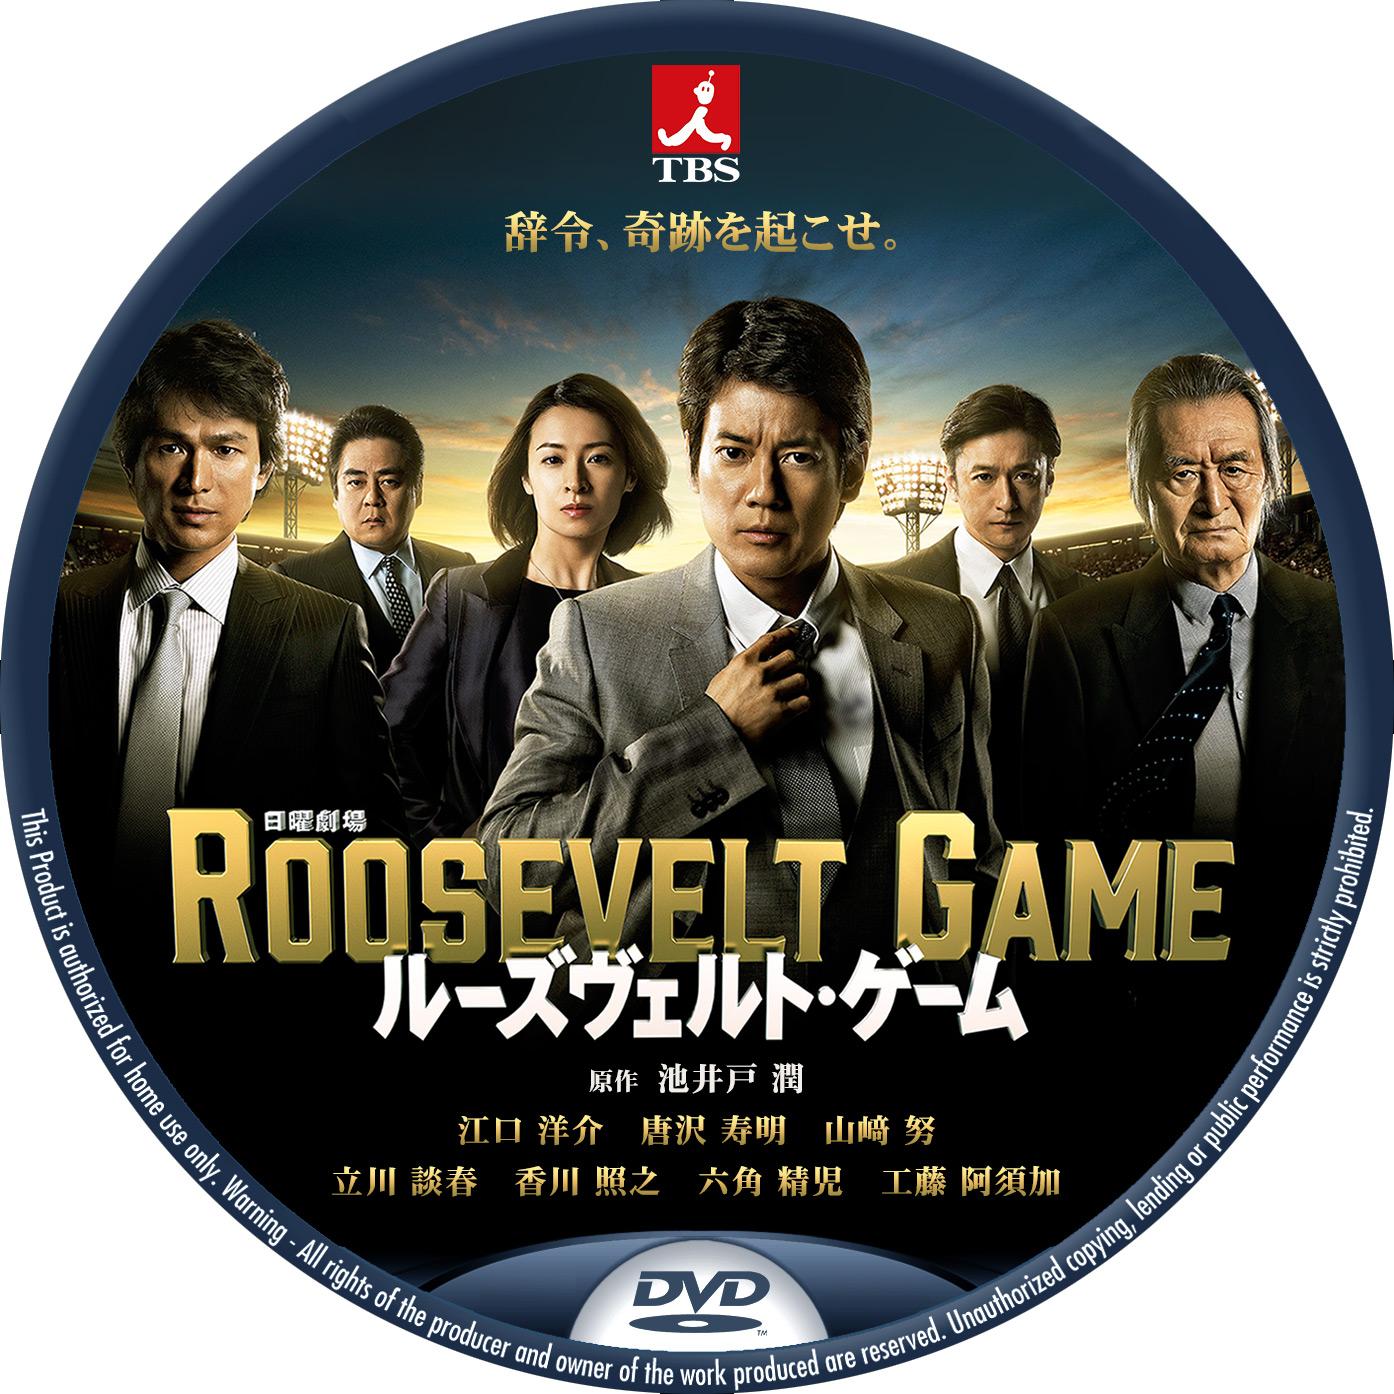 ルーズヴェルト・ゲーム 日曜劇場 DVDラベル